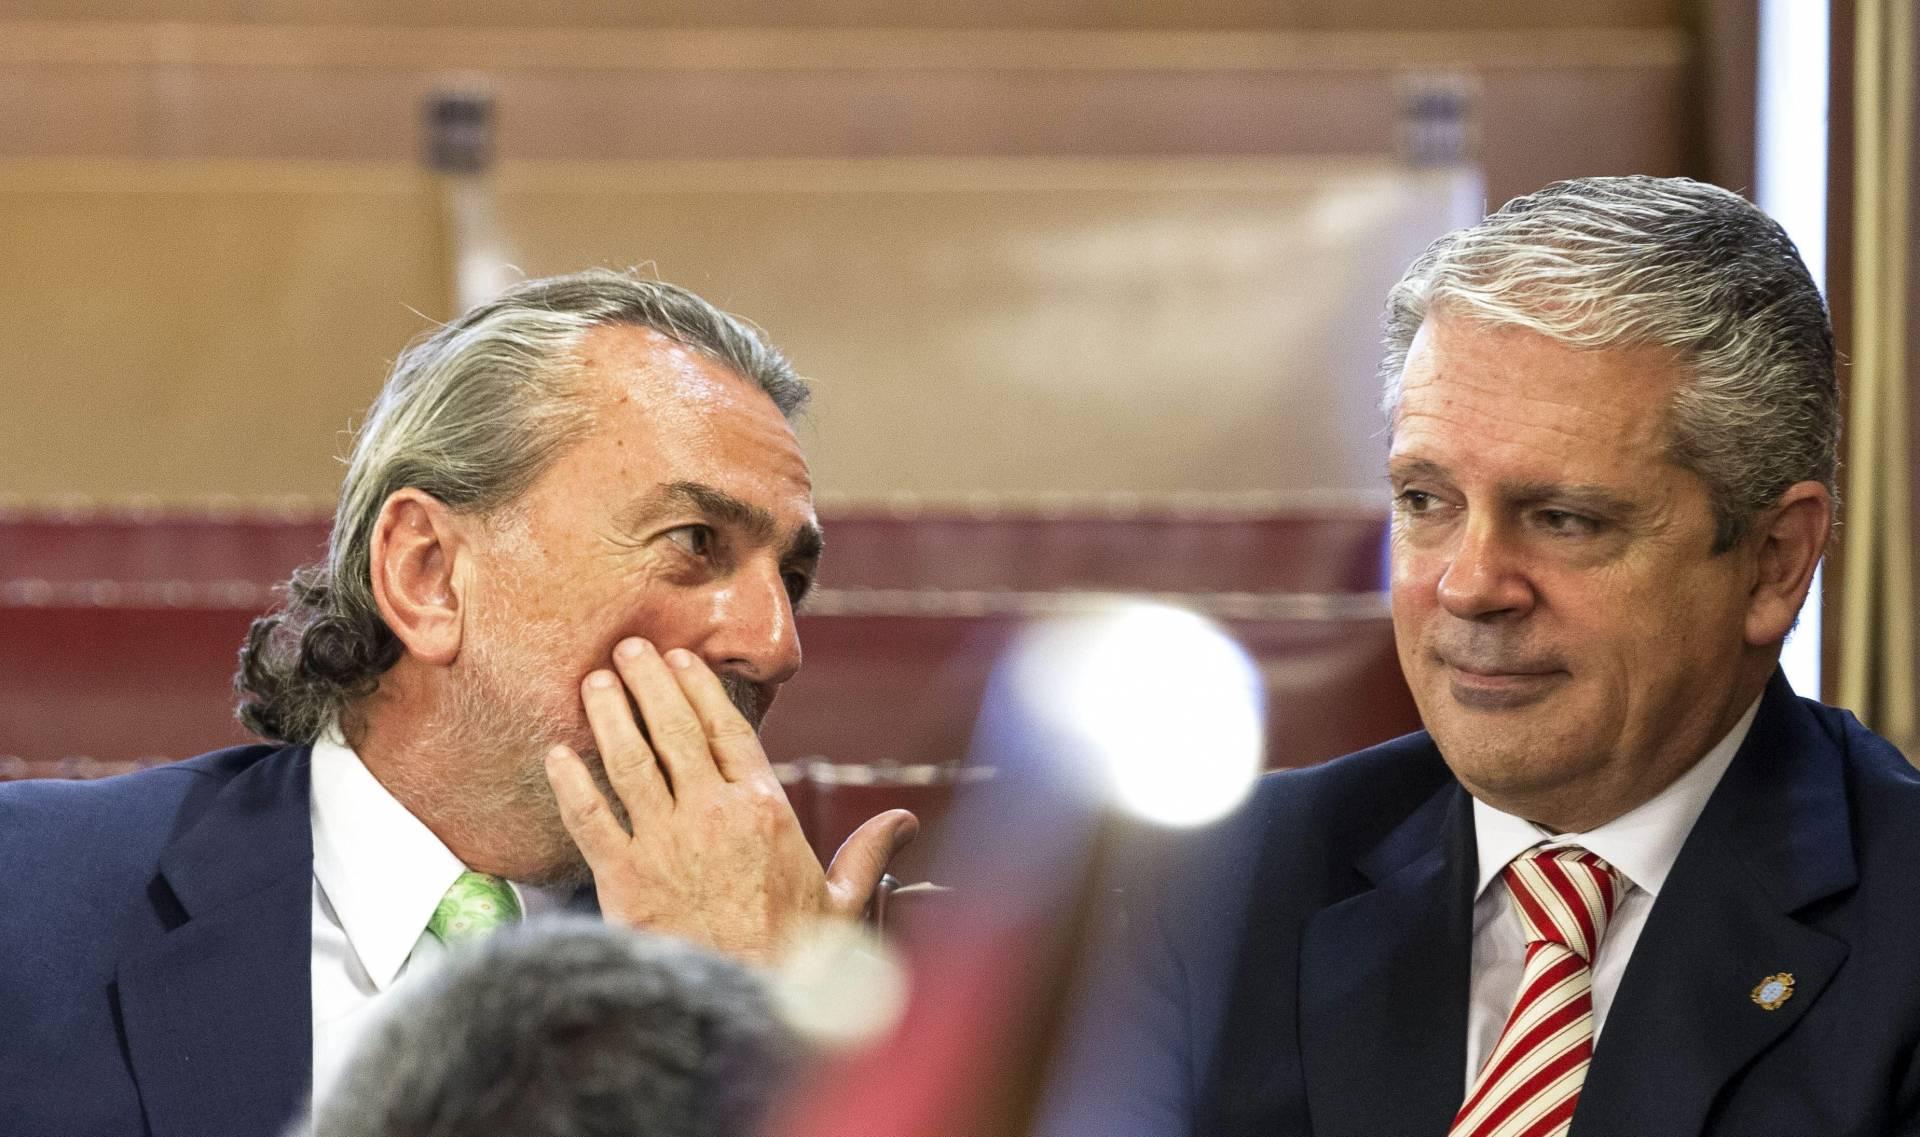 """Francisco Correa y Pablo Crespo, cabecillas de """"Gürtel""""."""